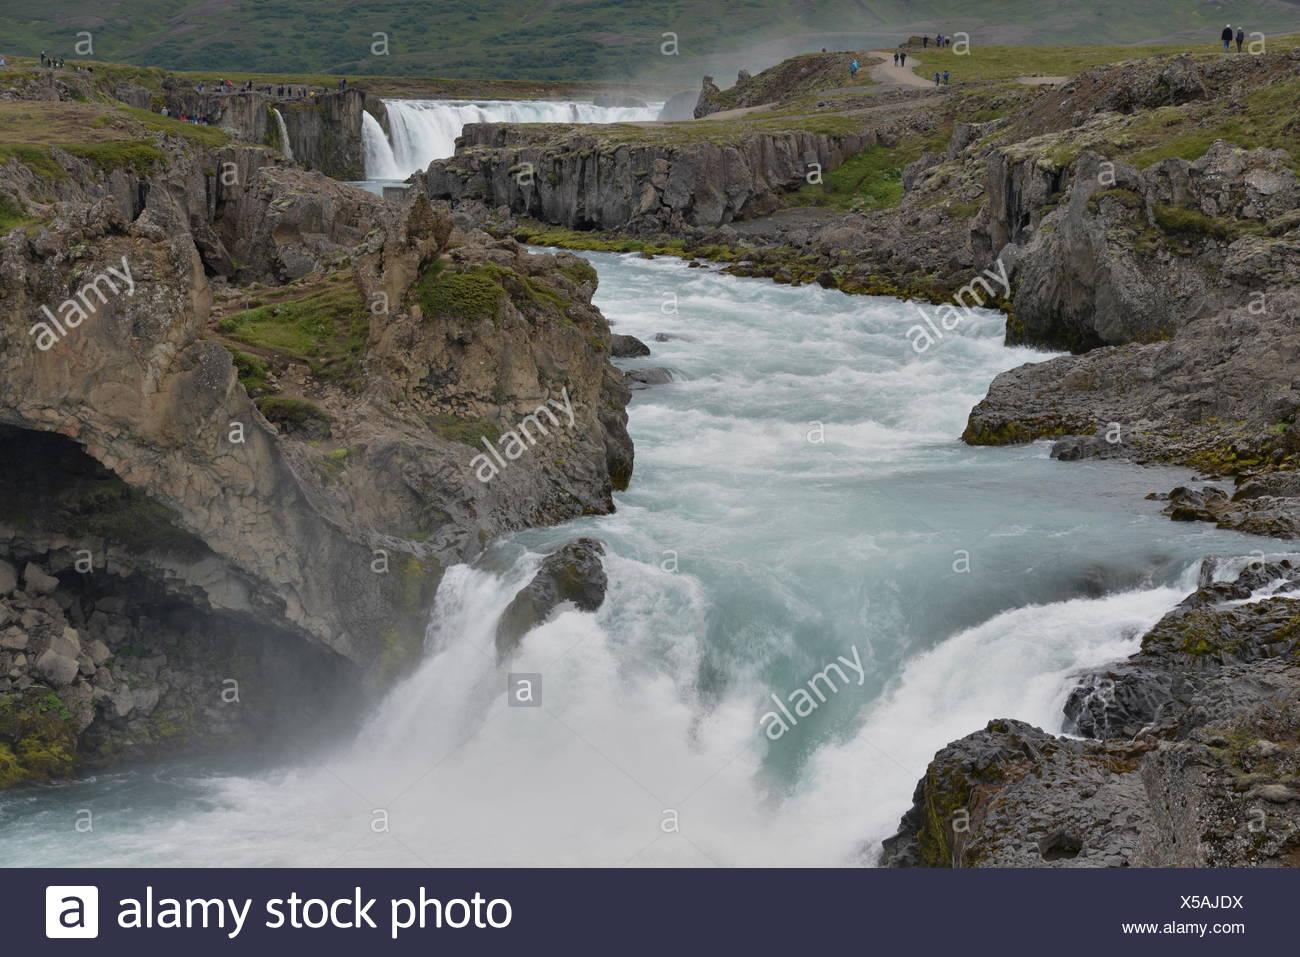 godafoss, island, wasserfall, fluss, kaskade, kaskaden, bach, bergbach, wildbach, natur, landschaft, gewaltig, Goðafoss, Götterwasserfall - Stock Image